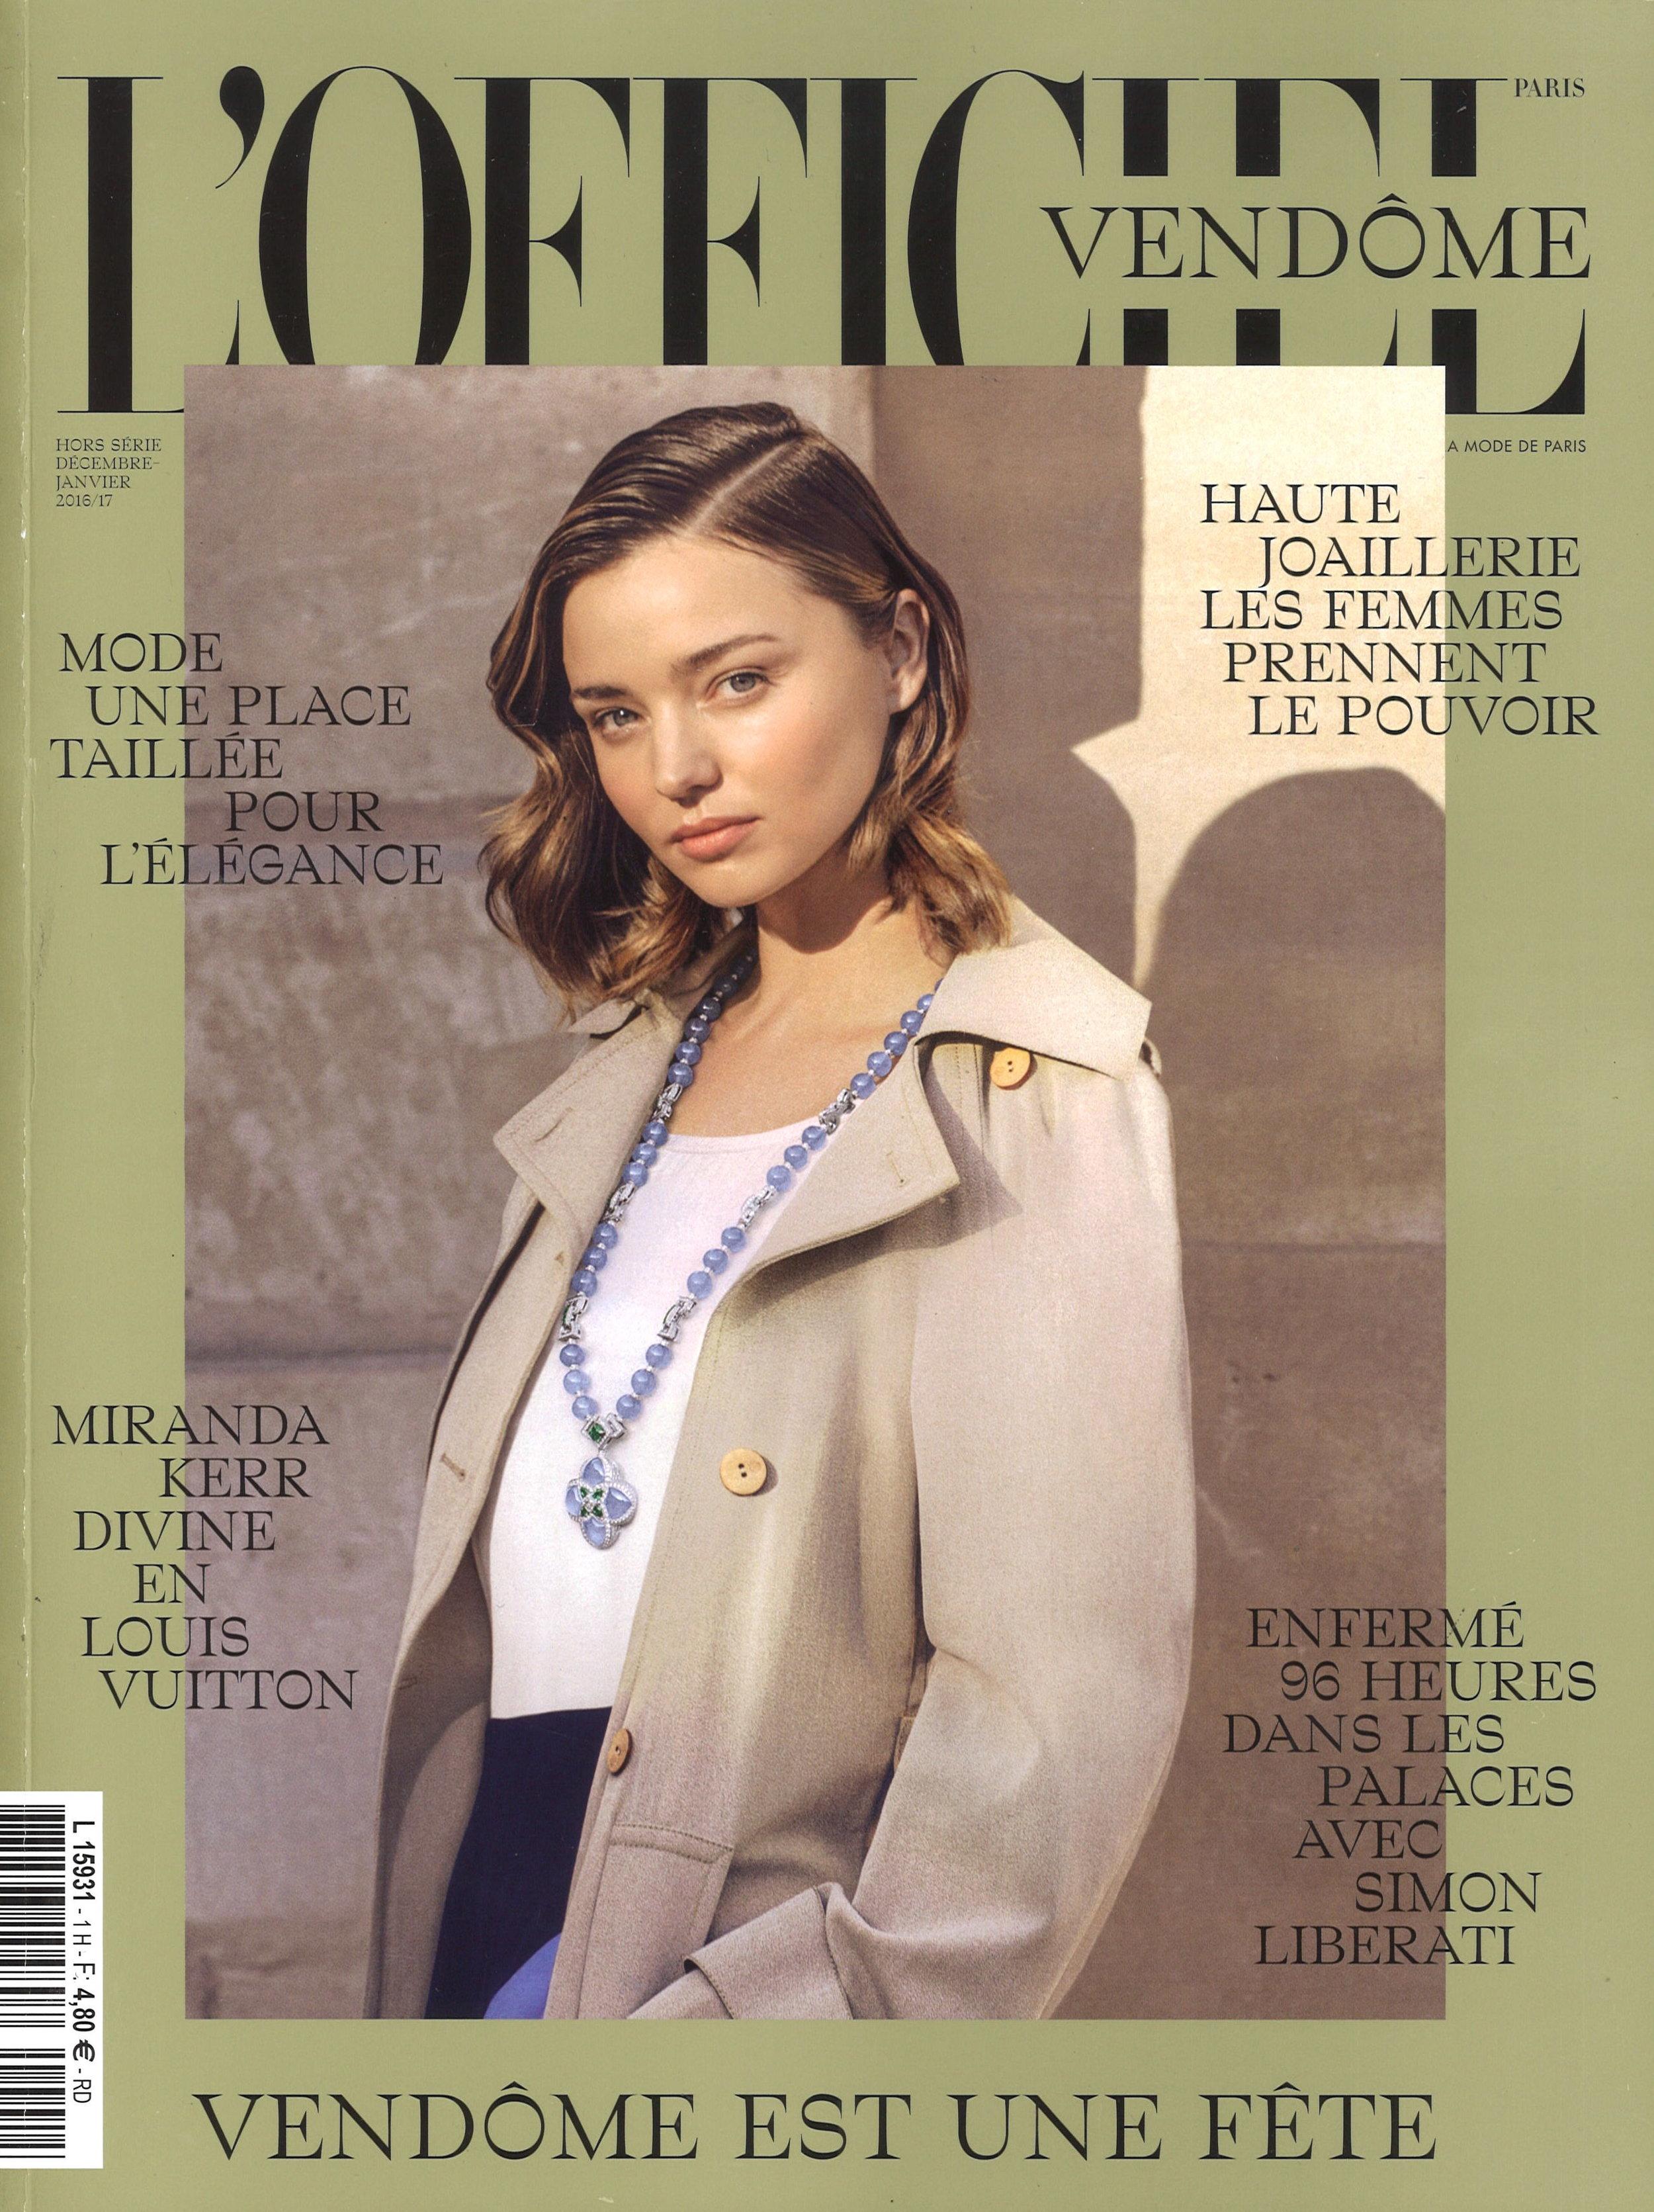 L'Officiel Vendôme Cover